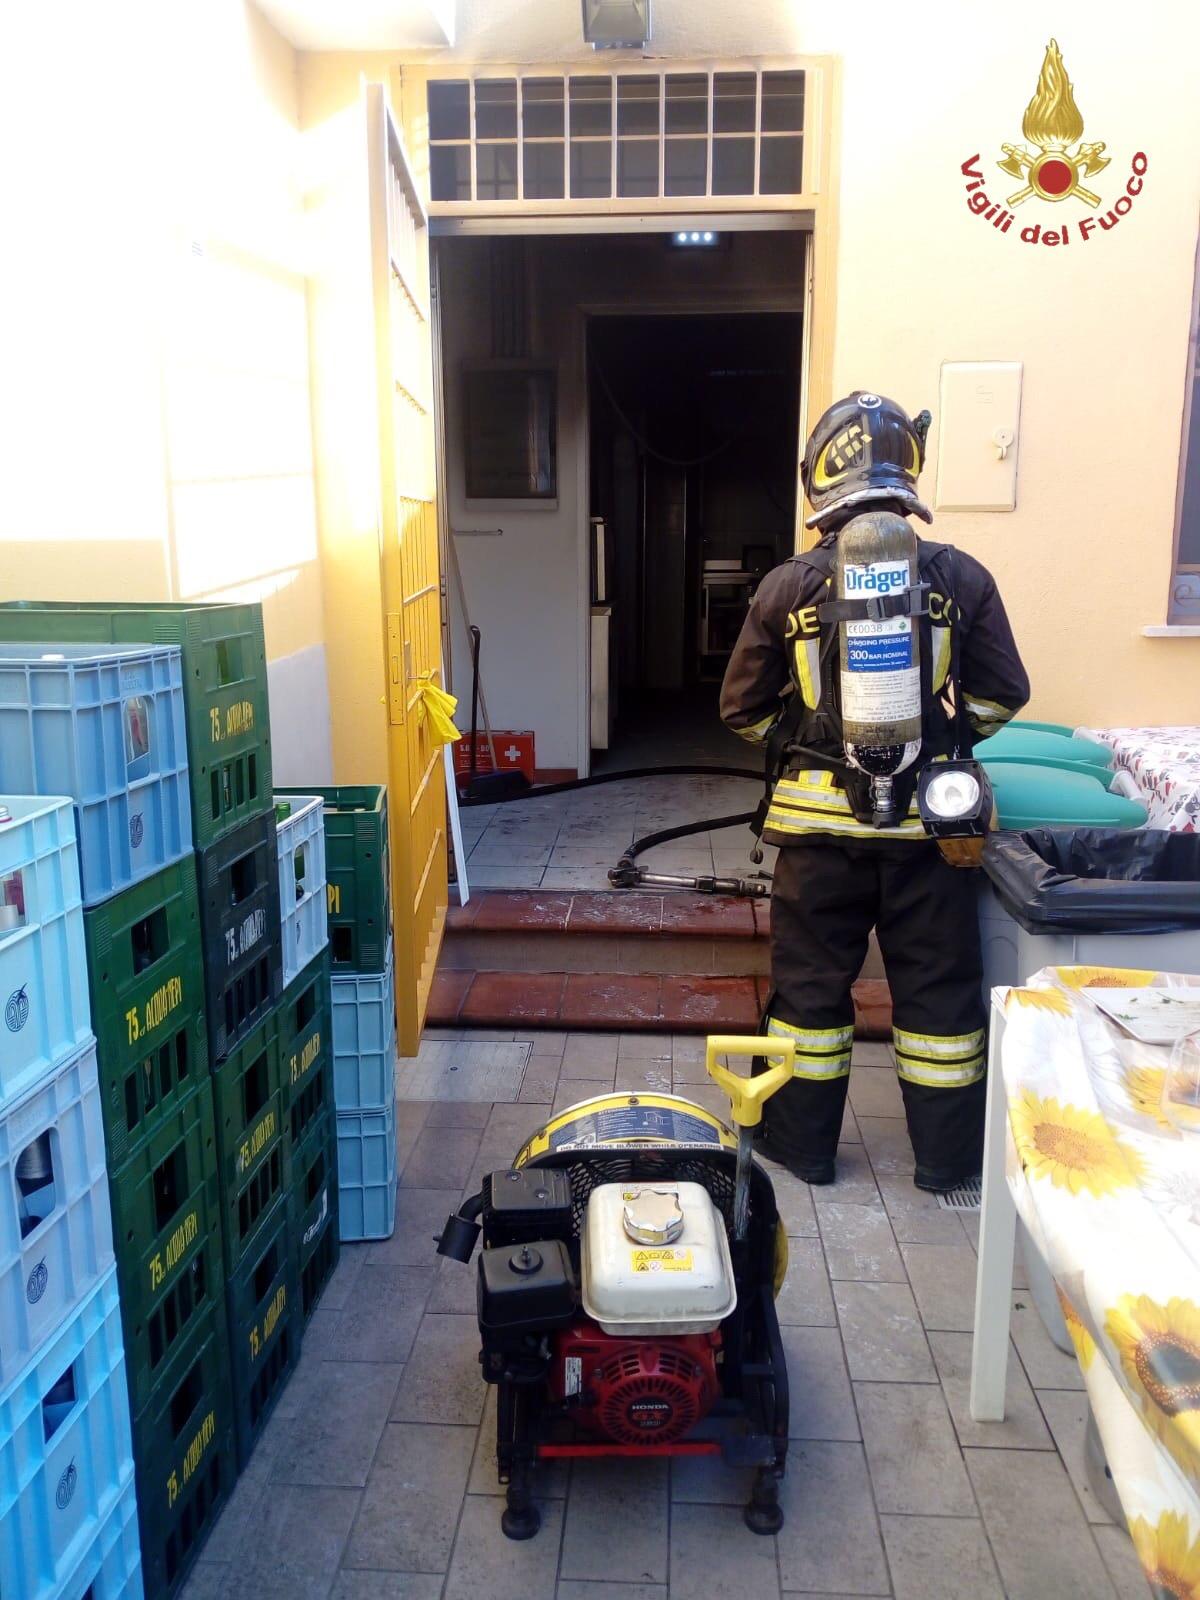 Incendio a Piazza Civitavecchia: distrutta la cucina di un ristorante